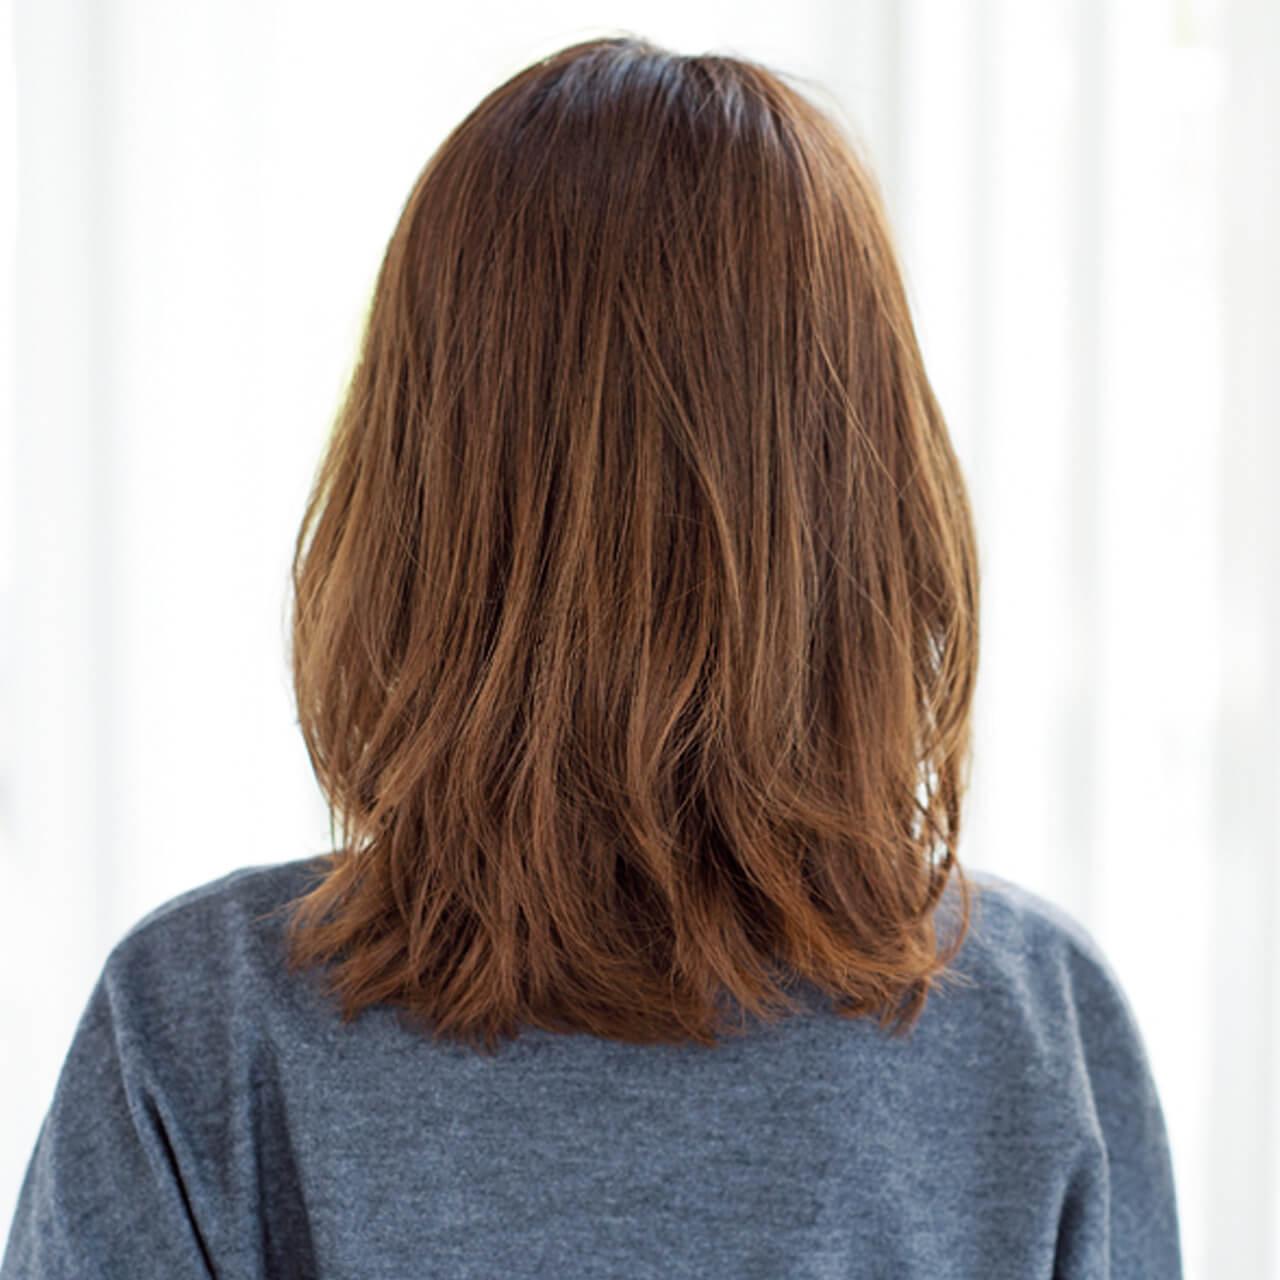 ふんわりトップを作る比率は6:4!成熟した大人のミディアムヘア【40代のミディアムヘア】_1_3